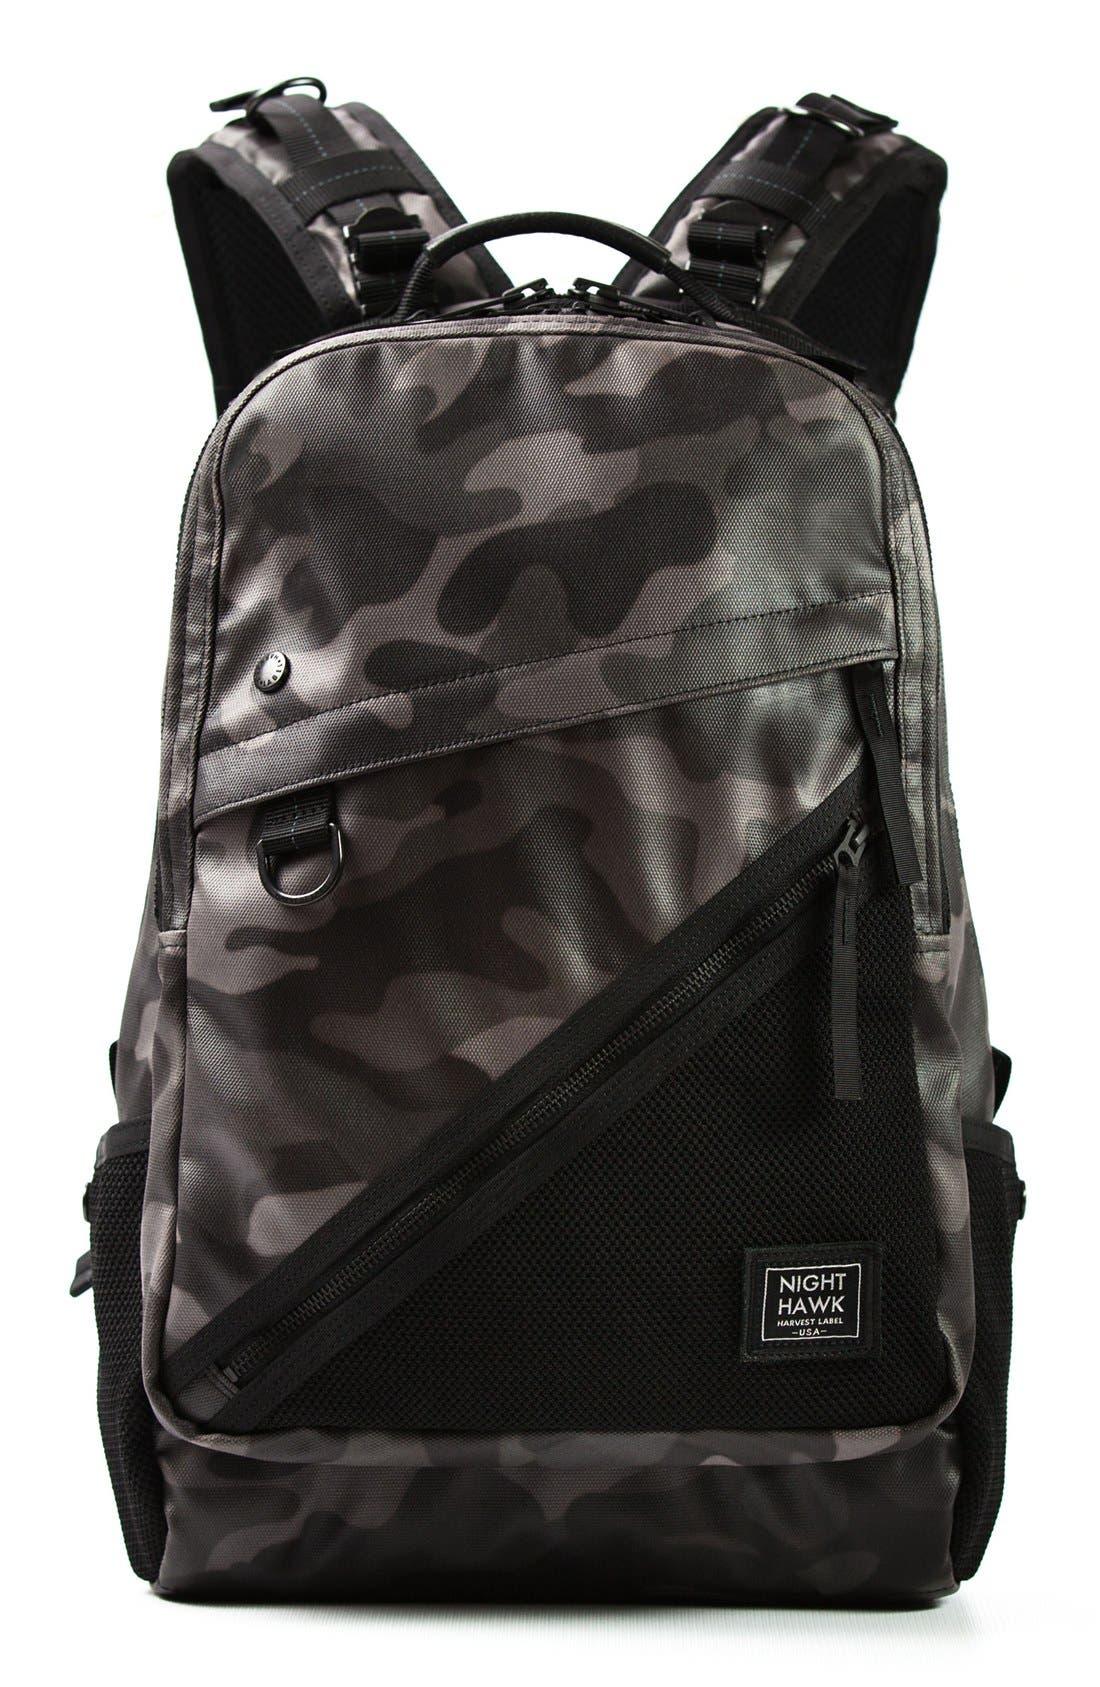 HARVEST LABEL NightHawk Backpack